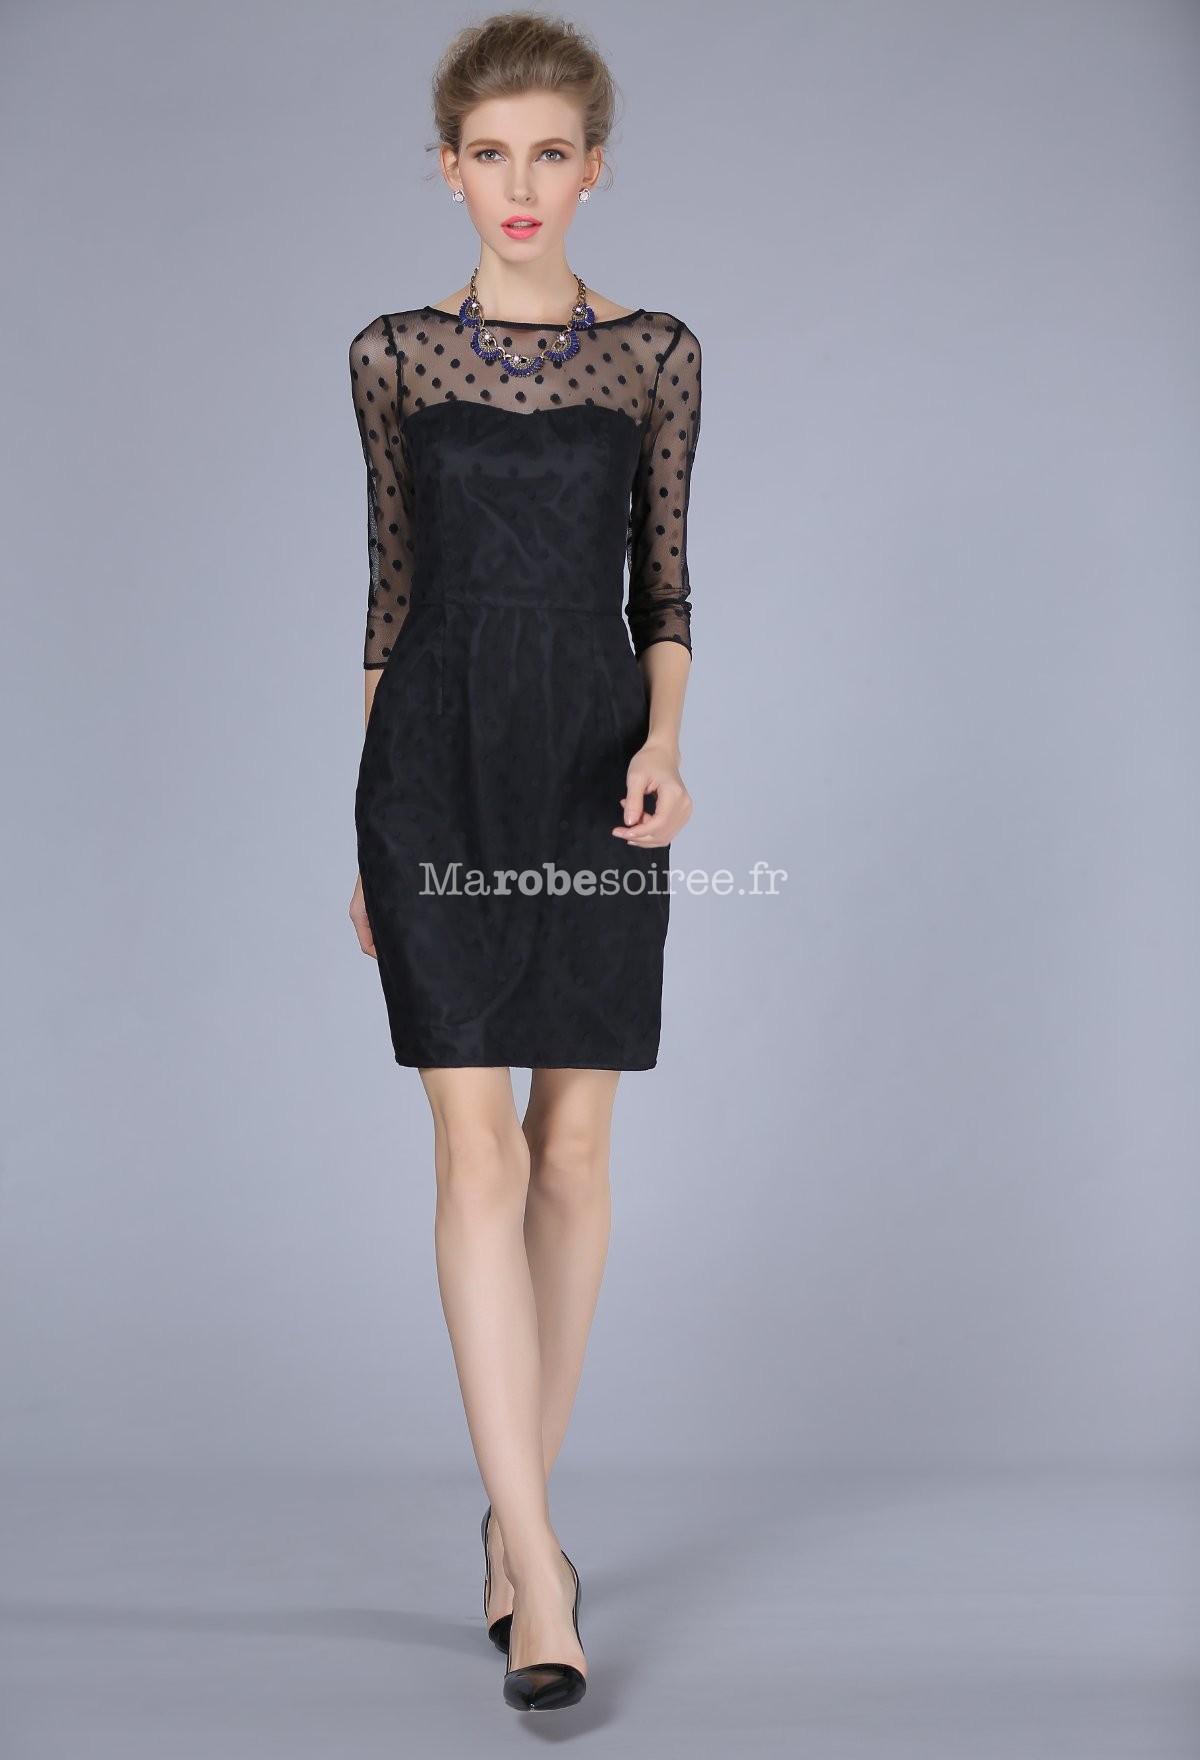 8b688bd12f5 ... Petite robe noire de cocktail manches mi-longues · Petite robe noire  courte ...